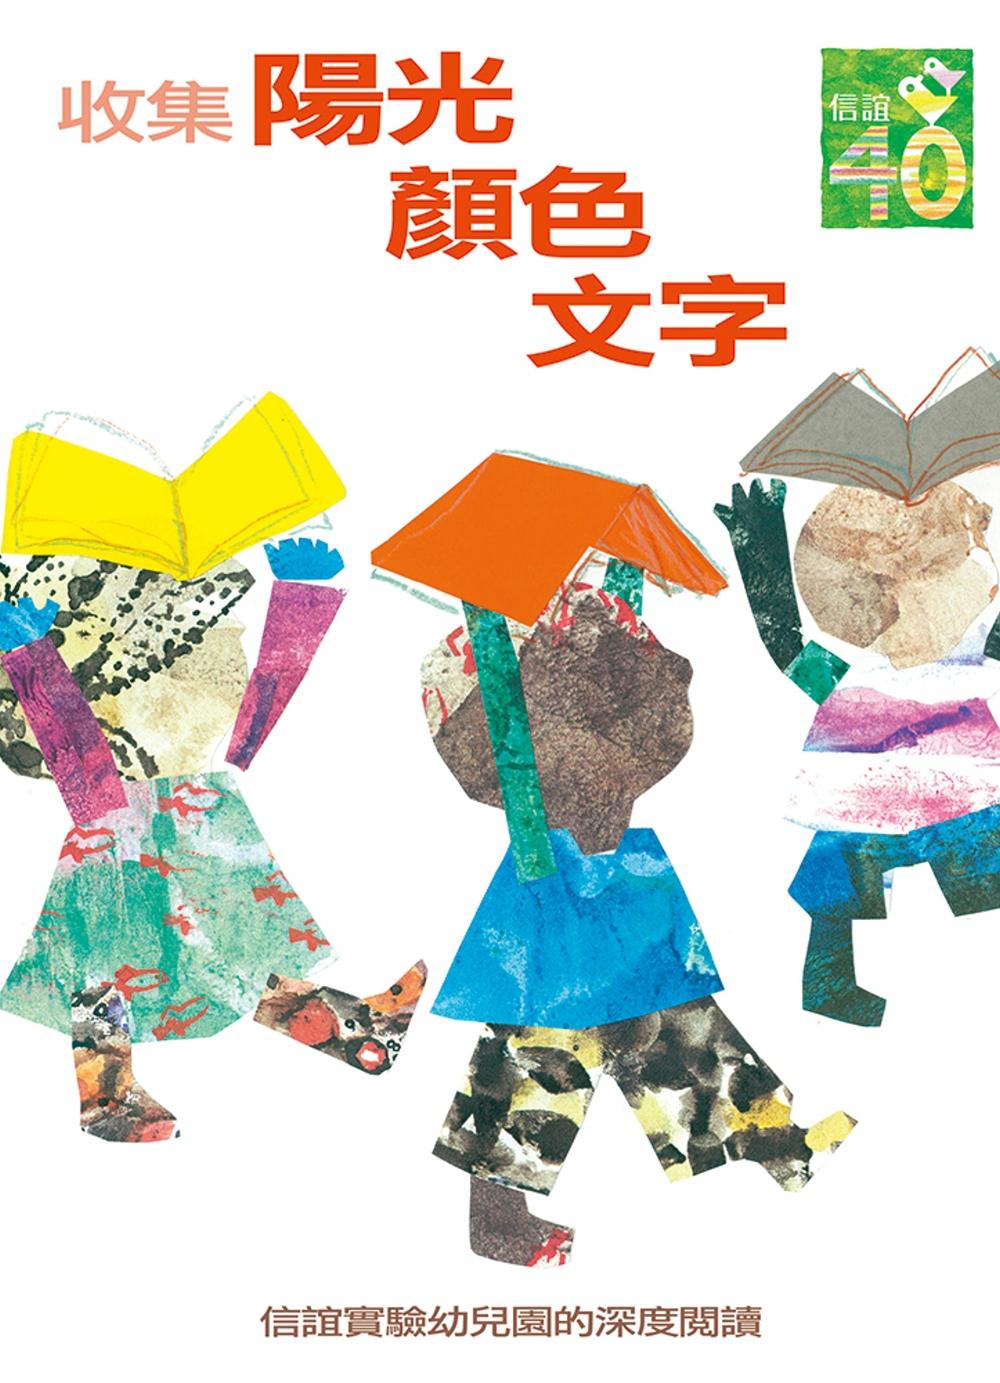 收集陽光‧顏色‧文字:信誼實驗幼兒園的深度閱讀課程